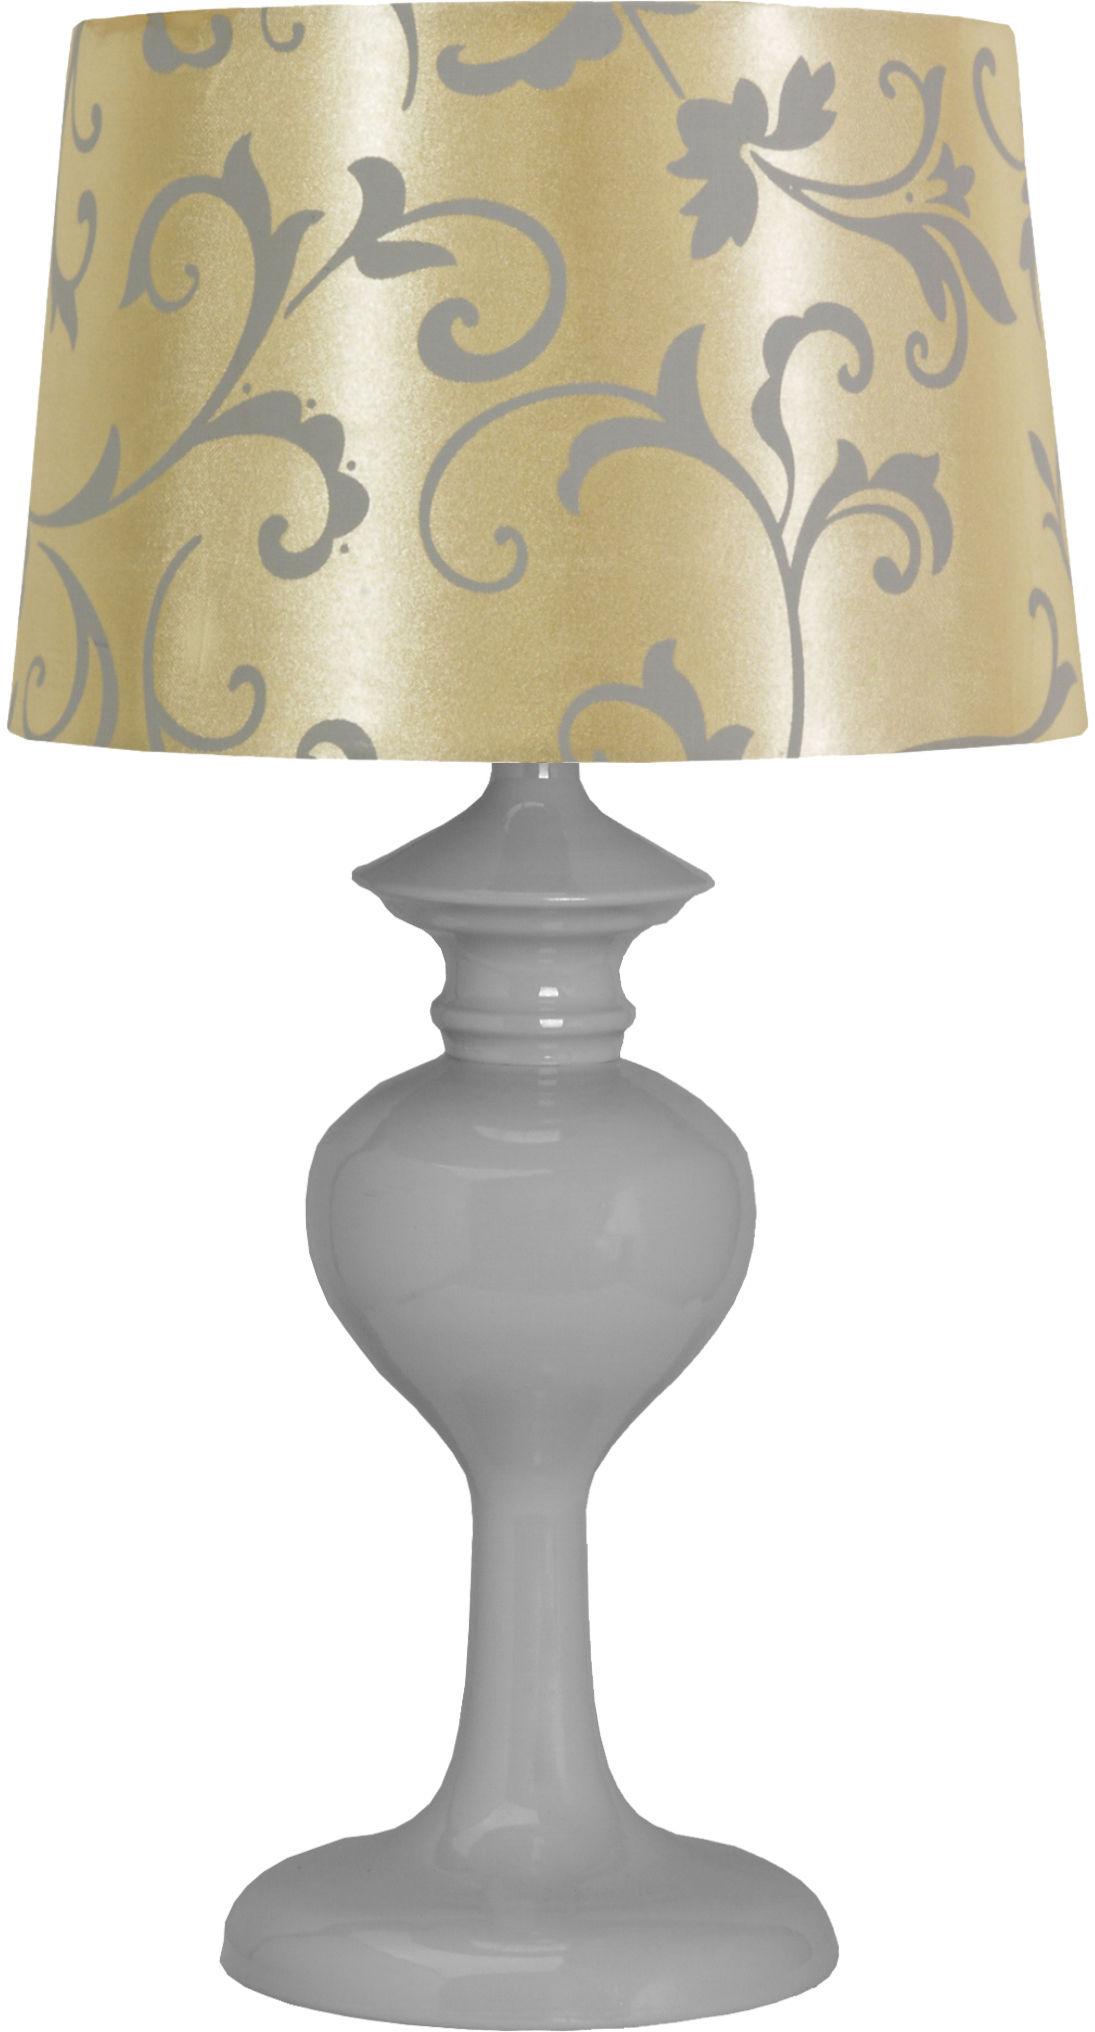 Candellux BERKANE 41-64431 lampa stołowa abażur szary/beżowy 1X40W E14 21cm